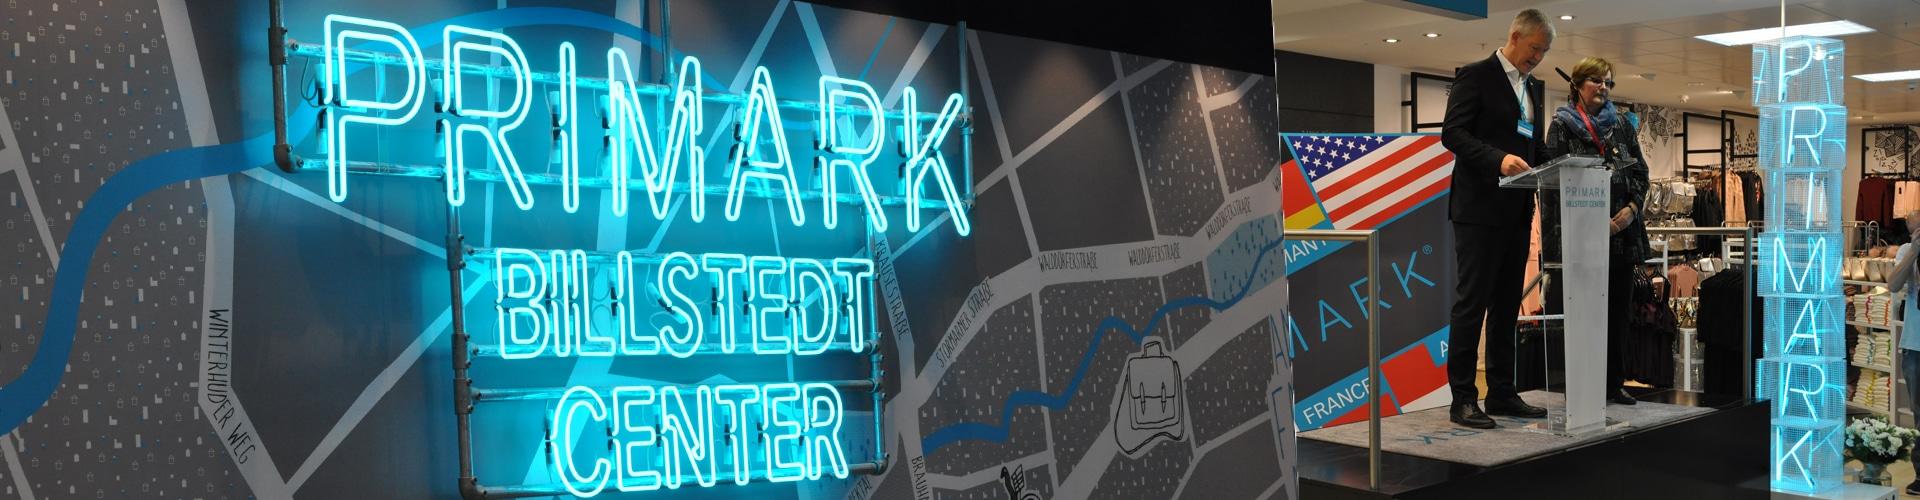 Primark hat einen Shop im Billstedt Center eröffnet.